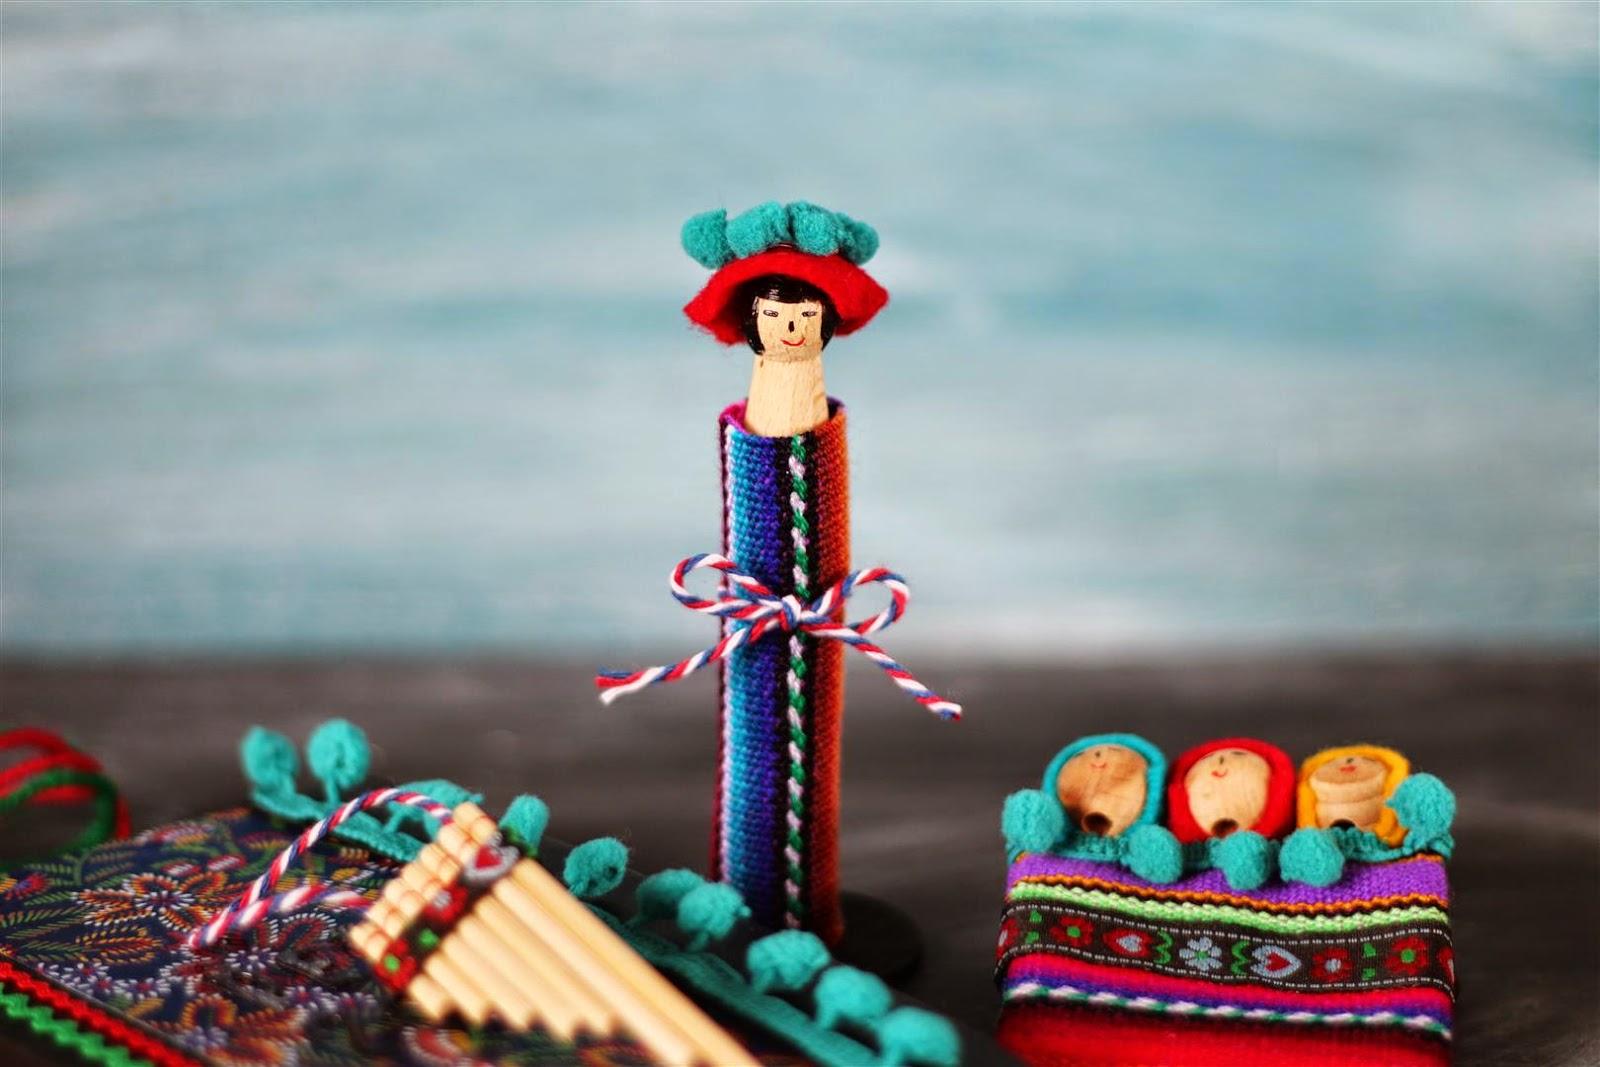 Peruvian peg doll